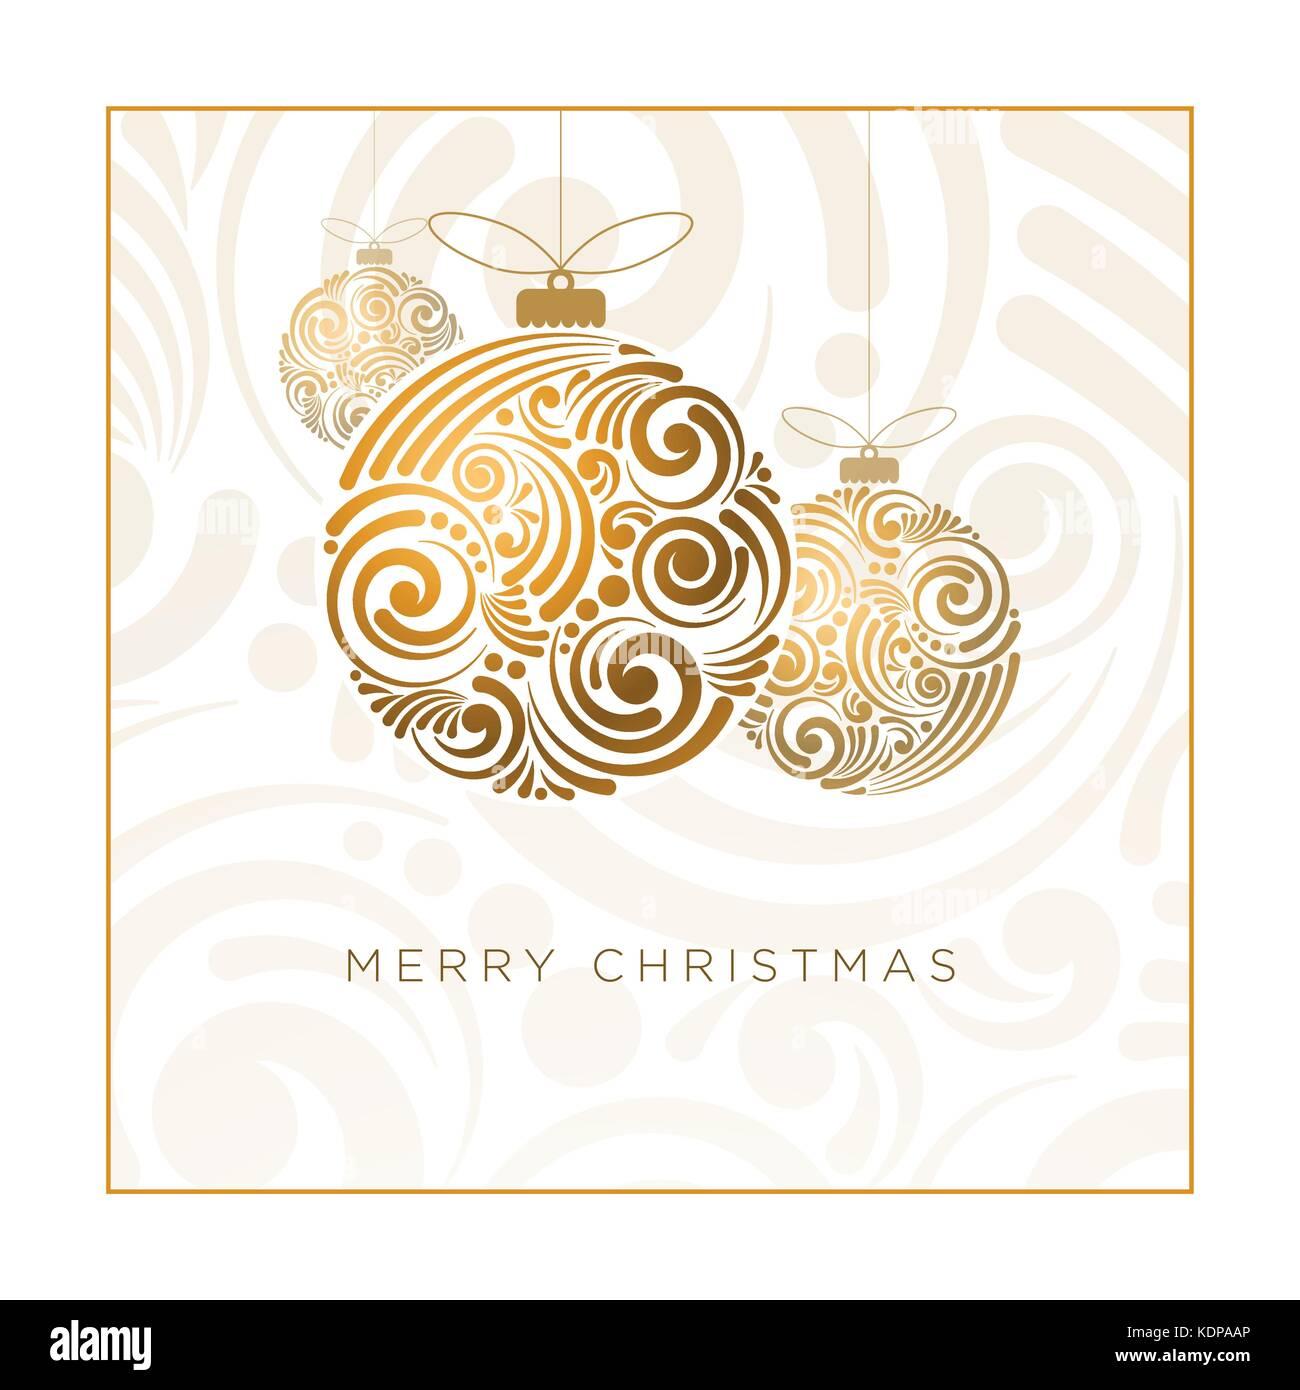 Vector Christmas Greeting Card Design Abstract Swirl Christmas Ball